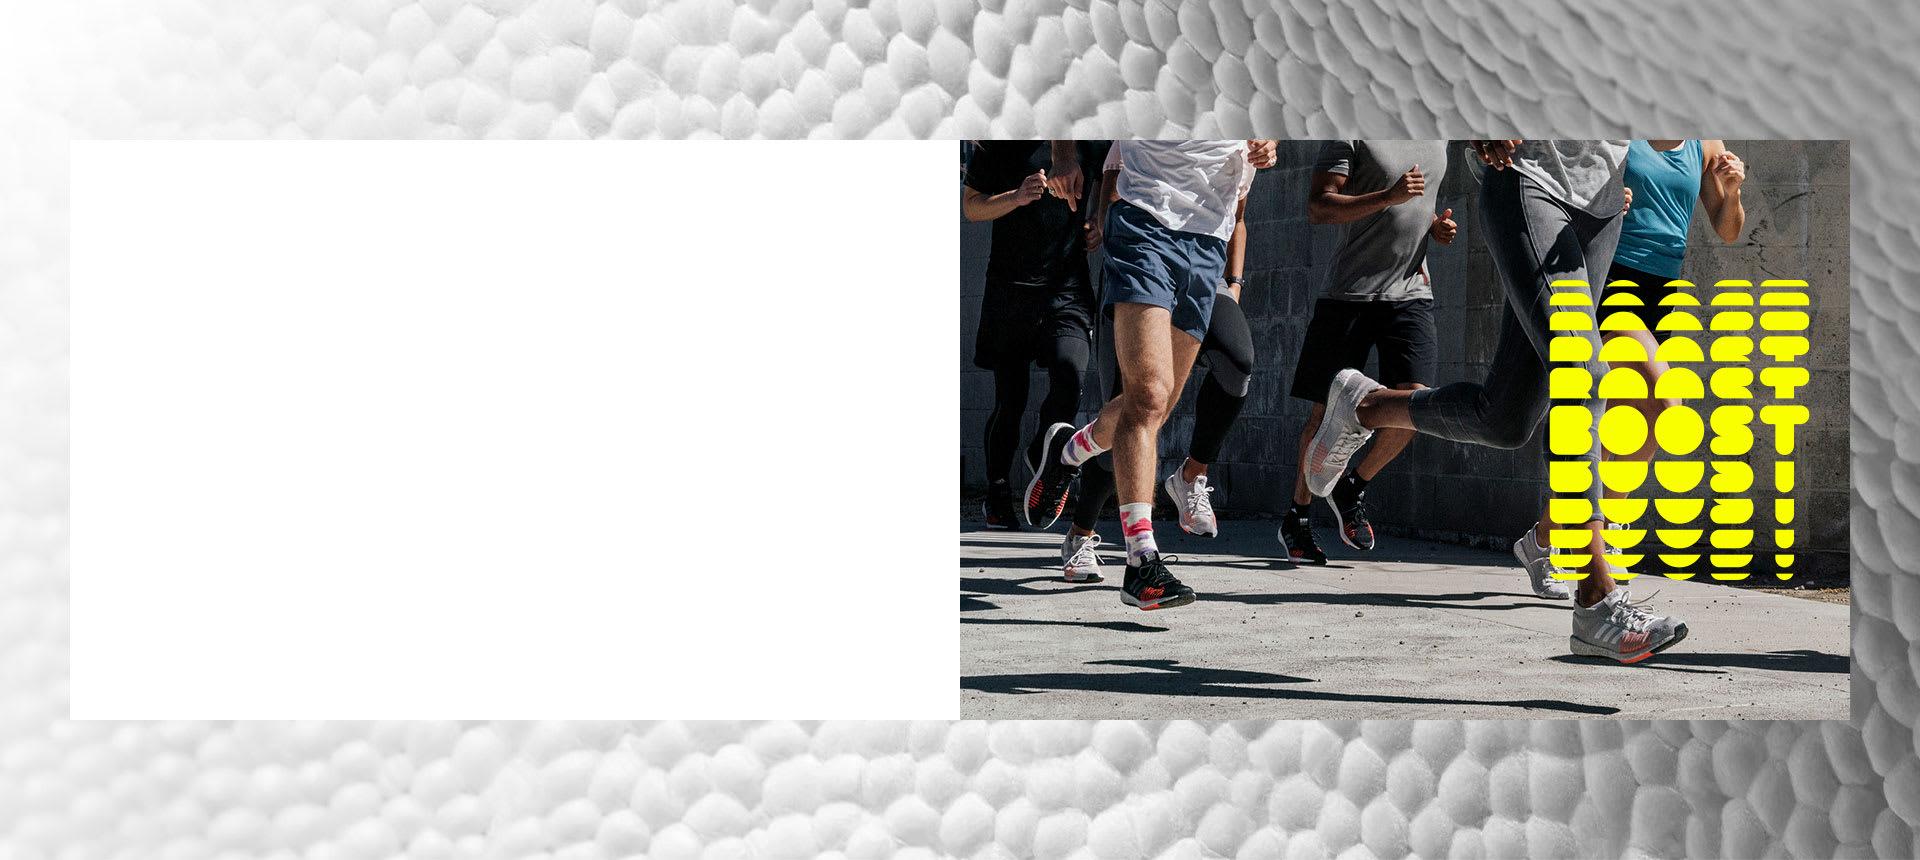 2dcae2fc23f9 adidas Officiella Webbplats Sverige | Sportkläder